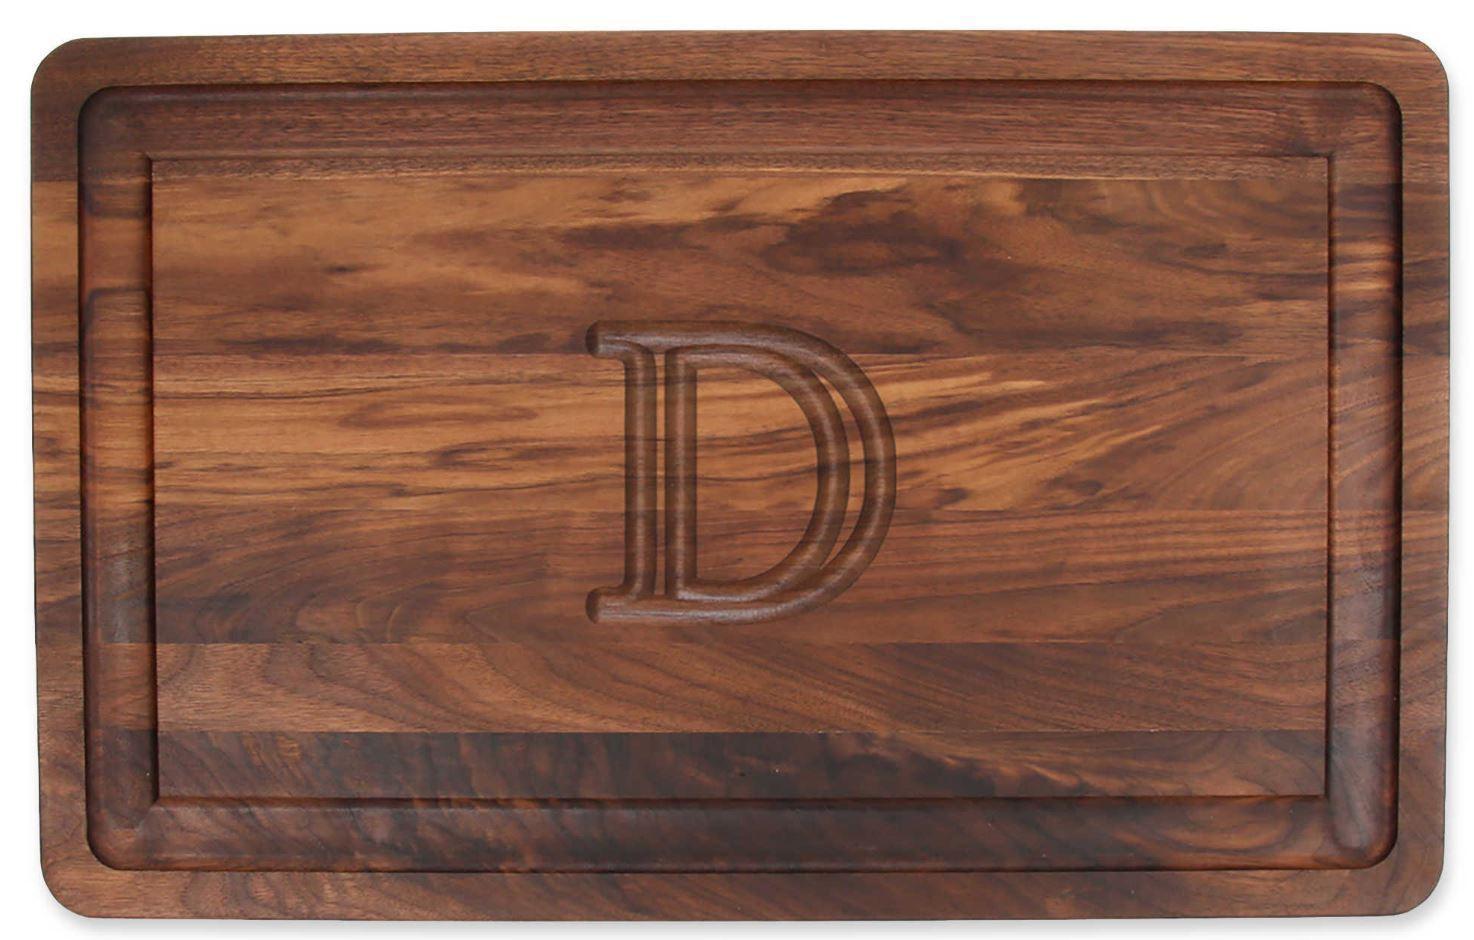 D voitureving Board riche solide en bois de noyer, coupe hacher la viande X légumes, Grand